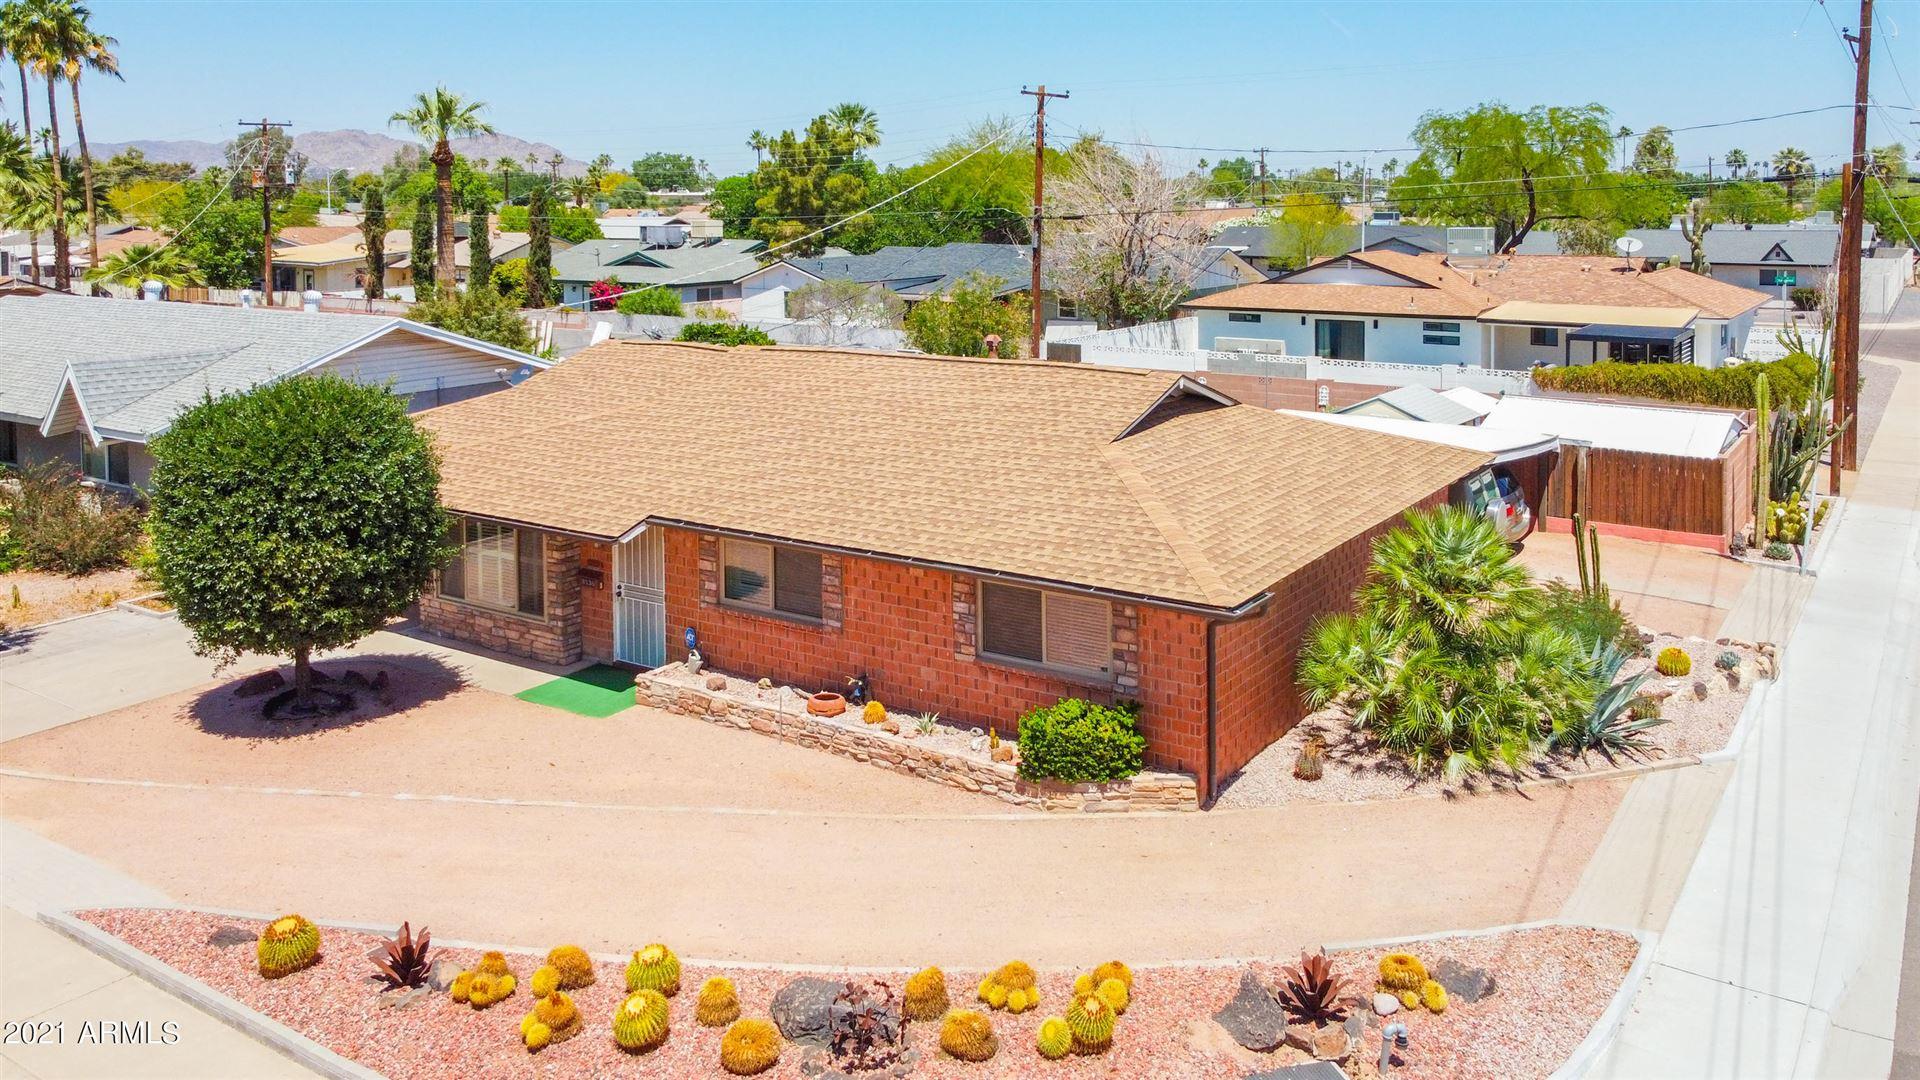 Photo of 8536 E HIGHLAND Avenue, Scottsdale, AZ 85251 (MLS # 6232509)